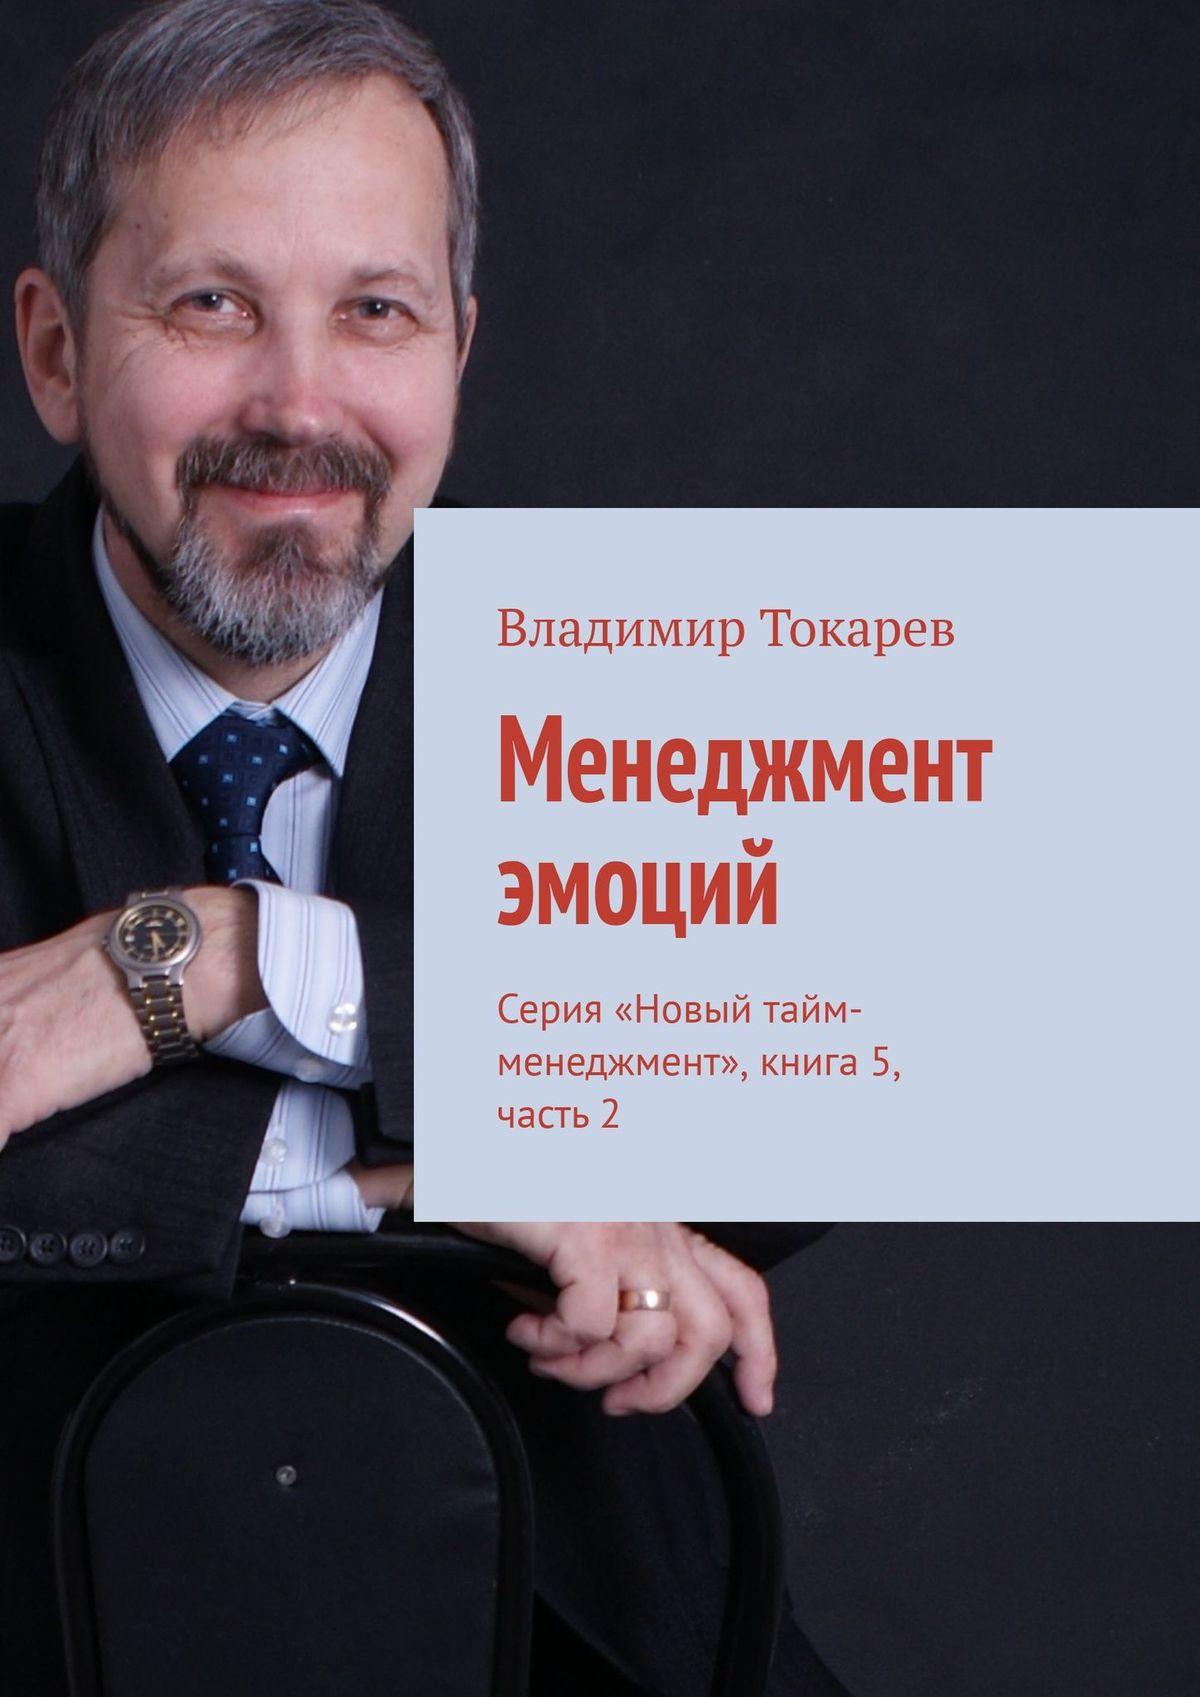 Владимир Токарев Менеджмент эмоций. Часть2. Новый тайм-менеджмент